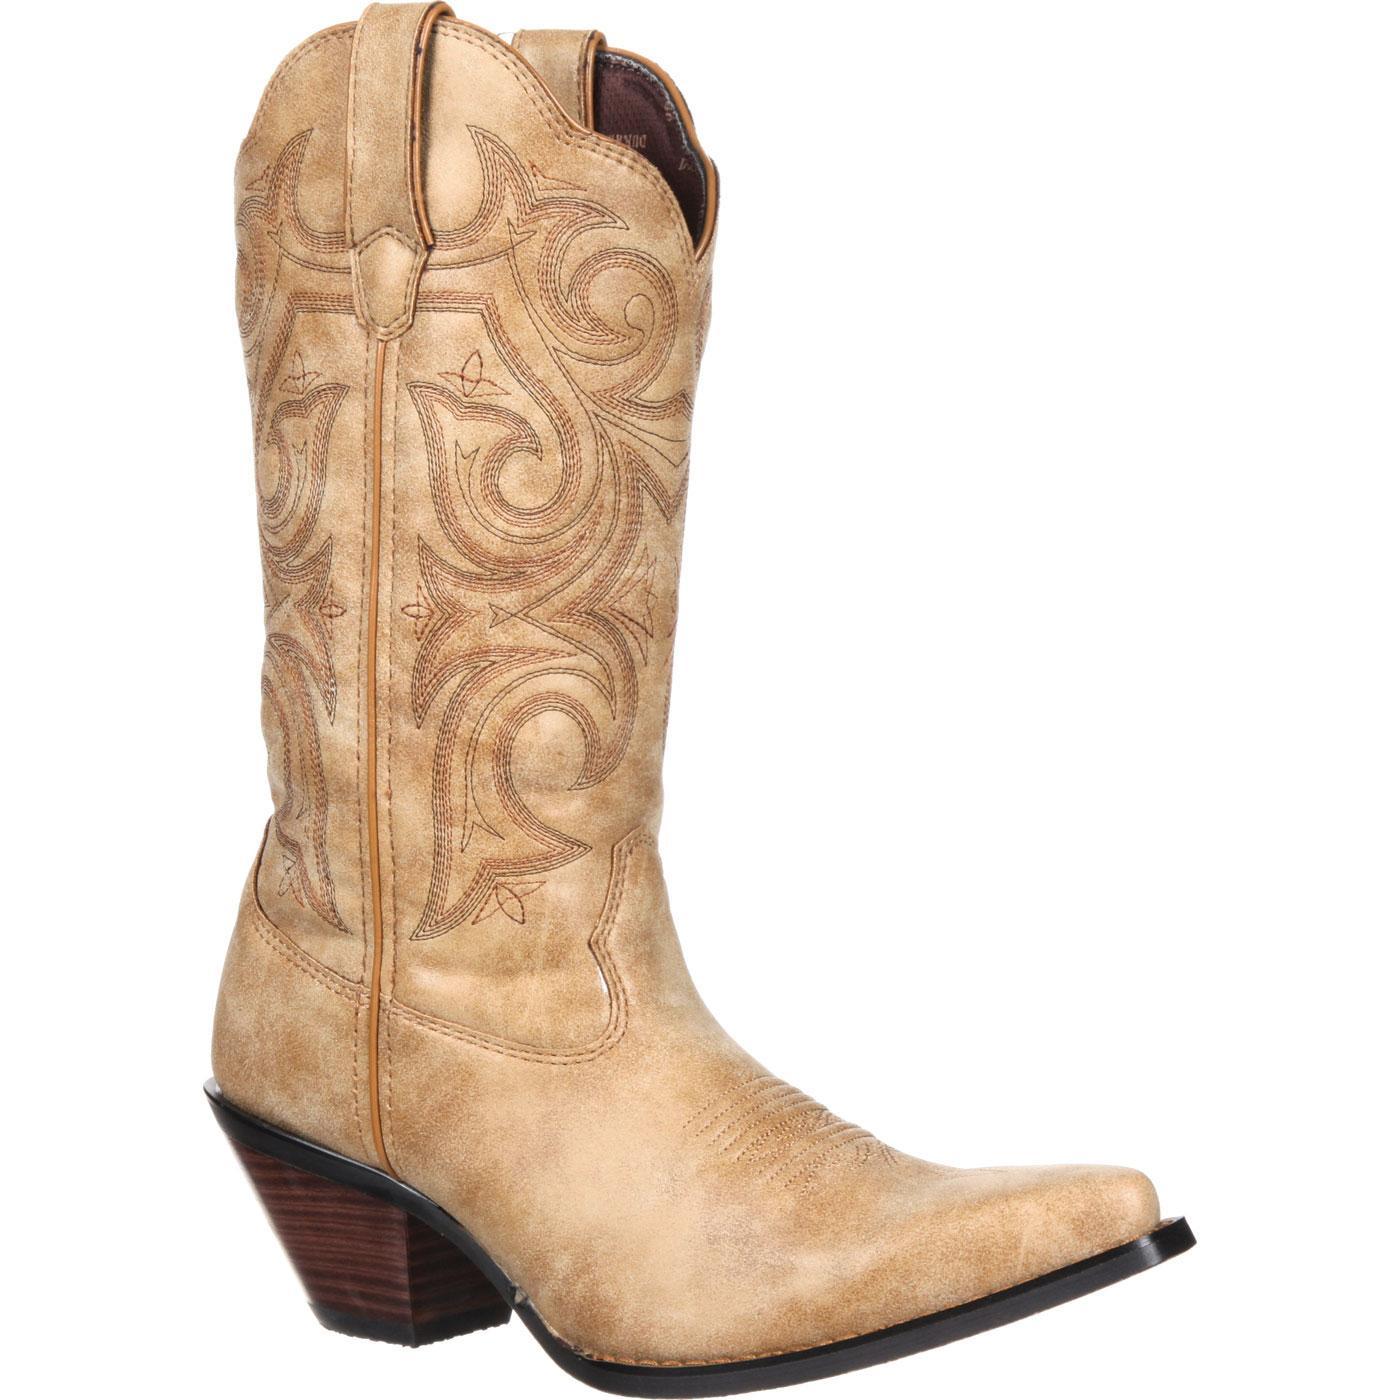 aeb5adda4b9 Crush by Durango Women's Scall-Upped Western Boot